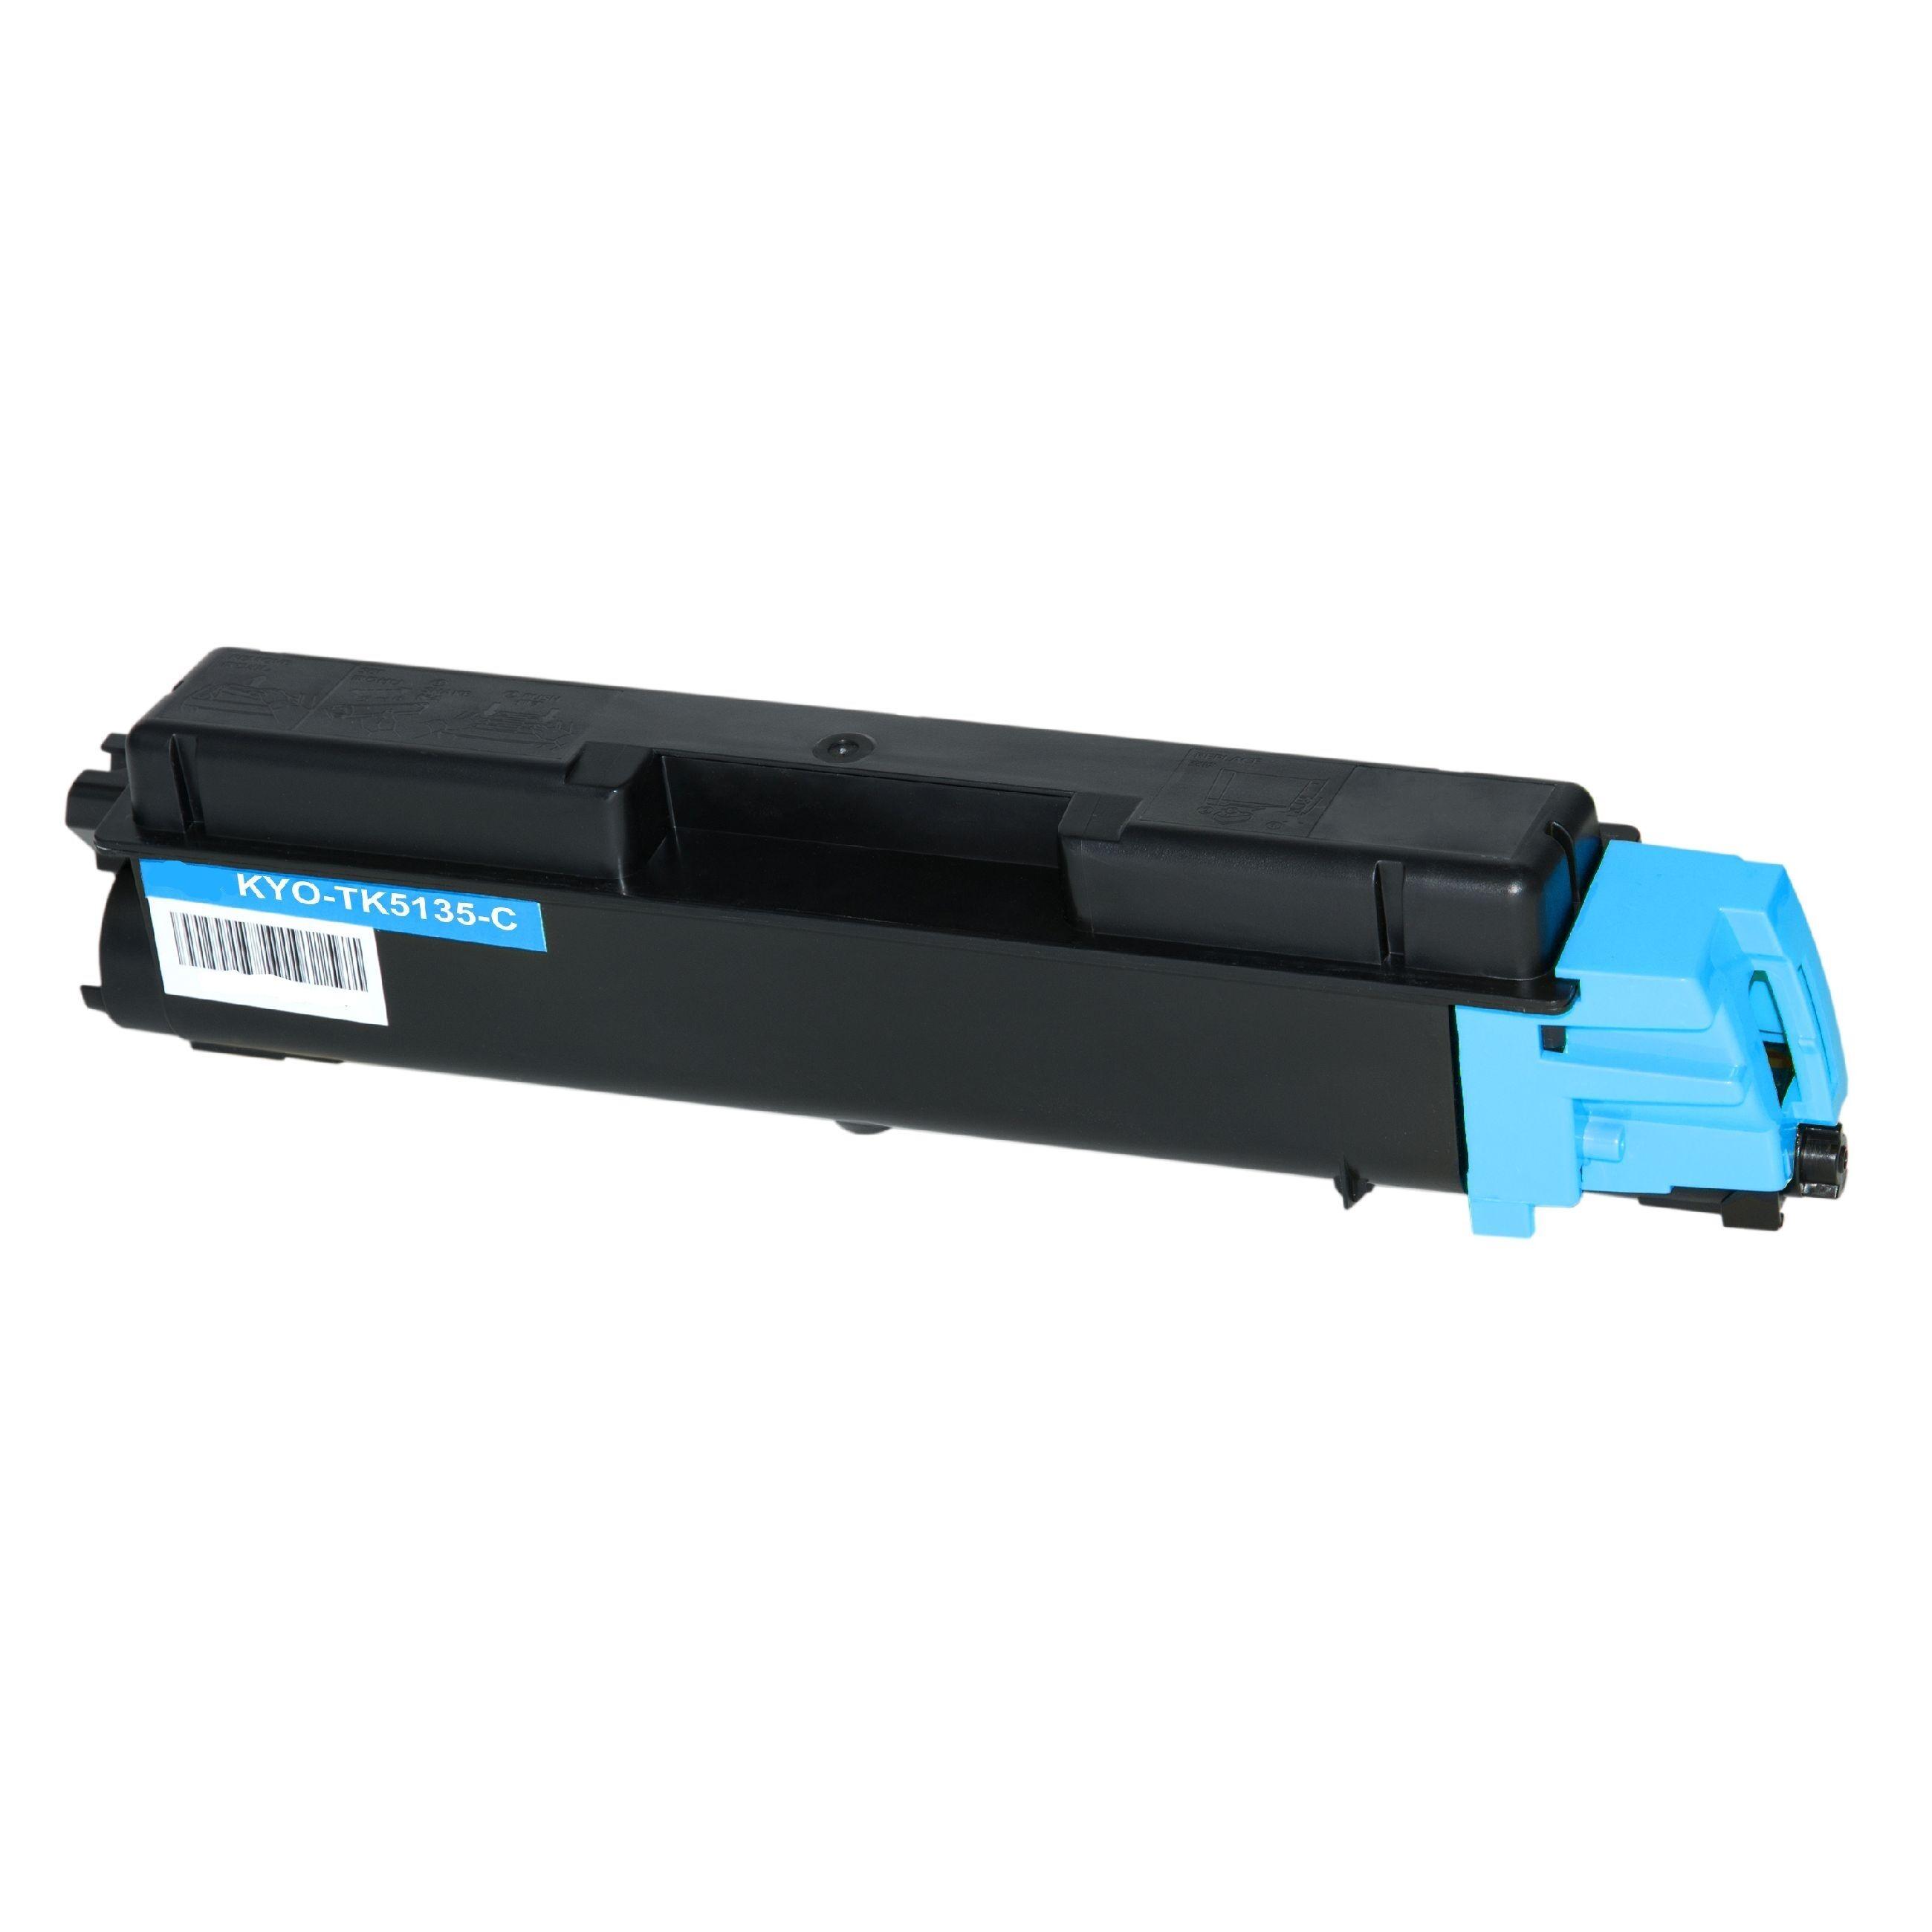 Kyocera Cartouche de Toner pour Kyocera 1T02PACNL0 / TK-5135 C cyan compatible (de marque ASC)